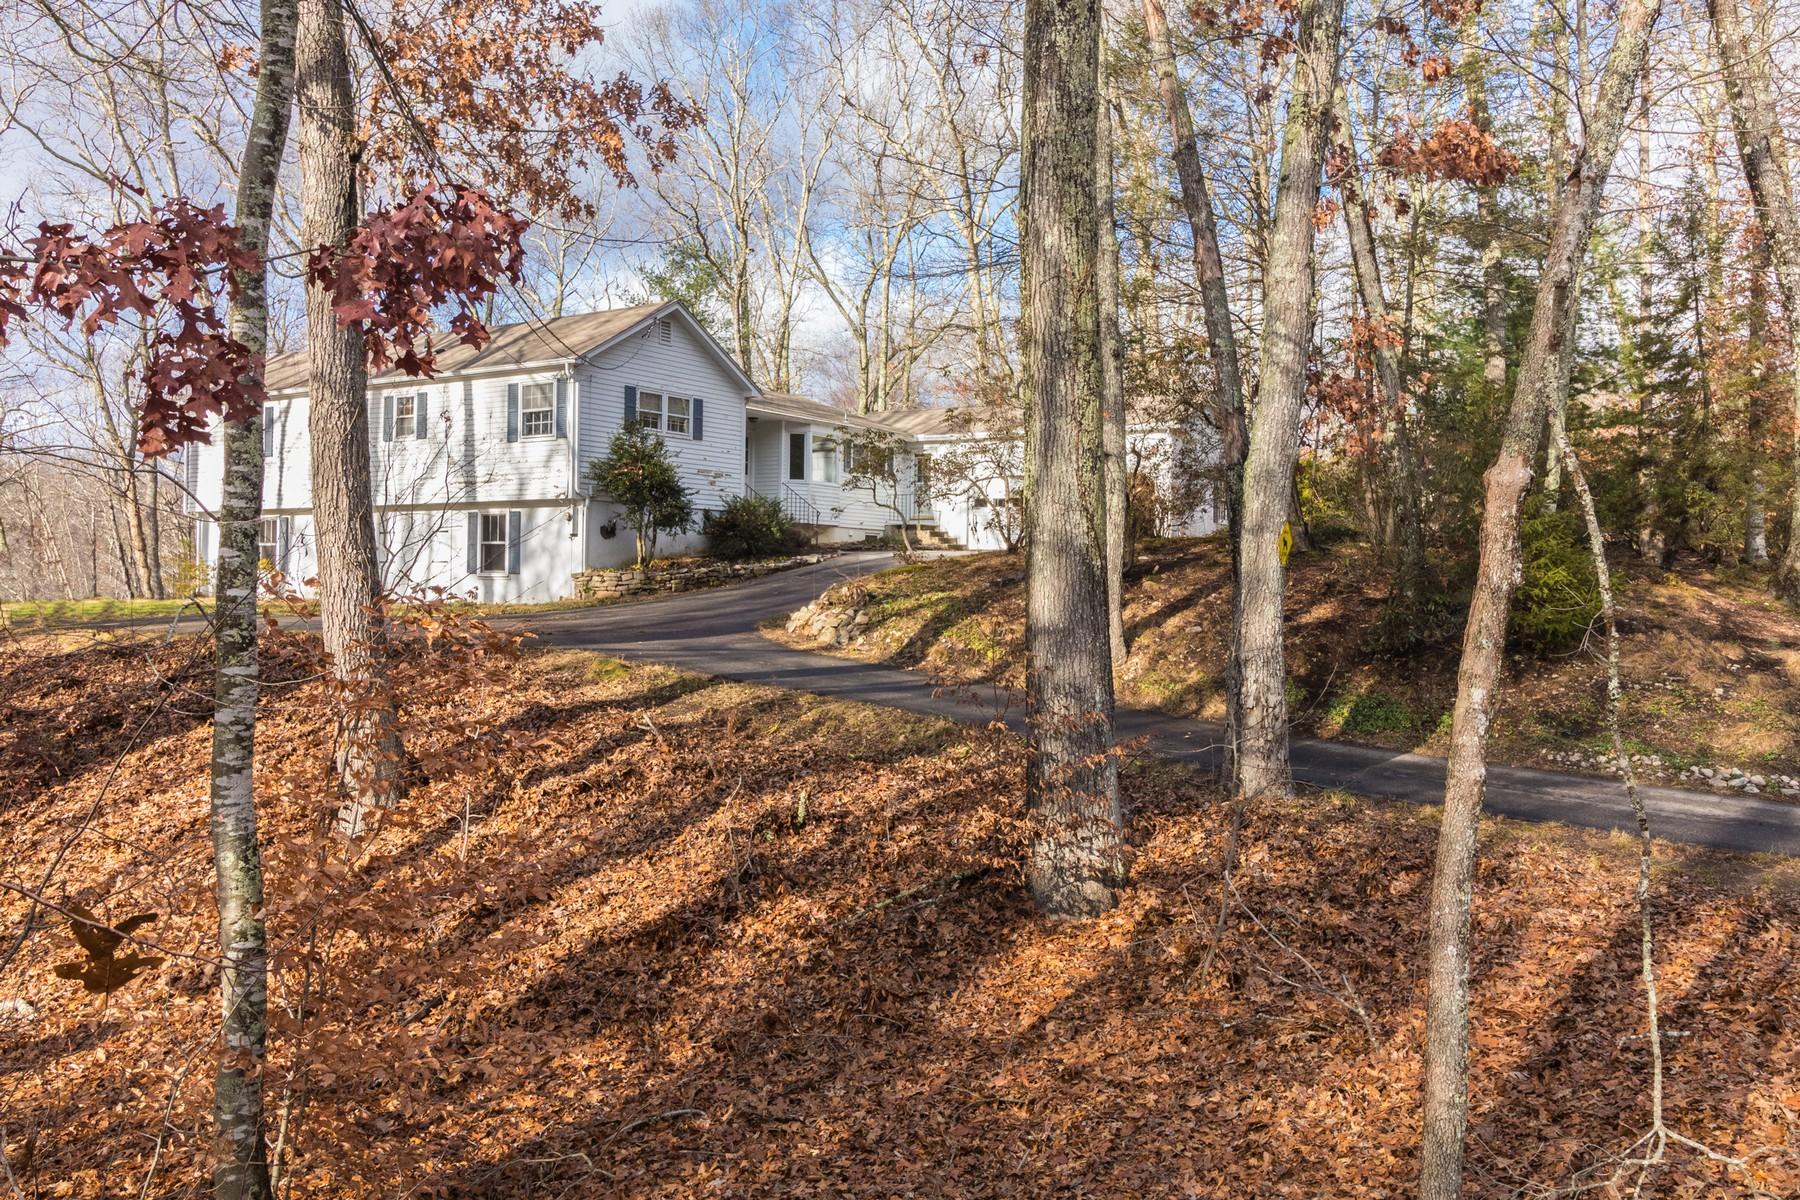 Maison unifamiliale pour l Vente à Charming Three Bedroom Home 12 Jericho Drive Old Lyme, Connecticut 06371 États-Unis